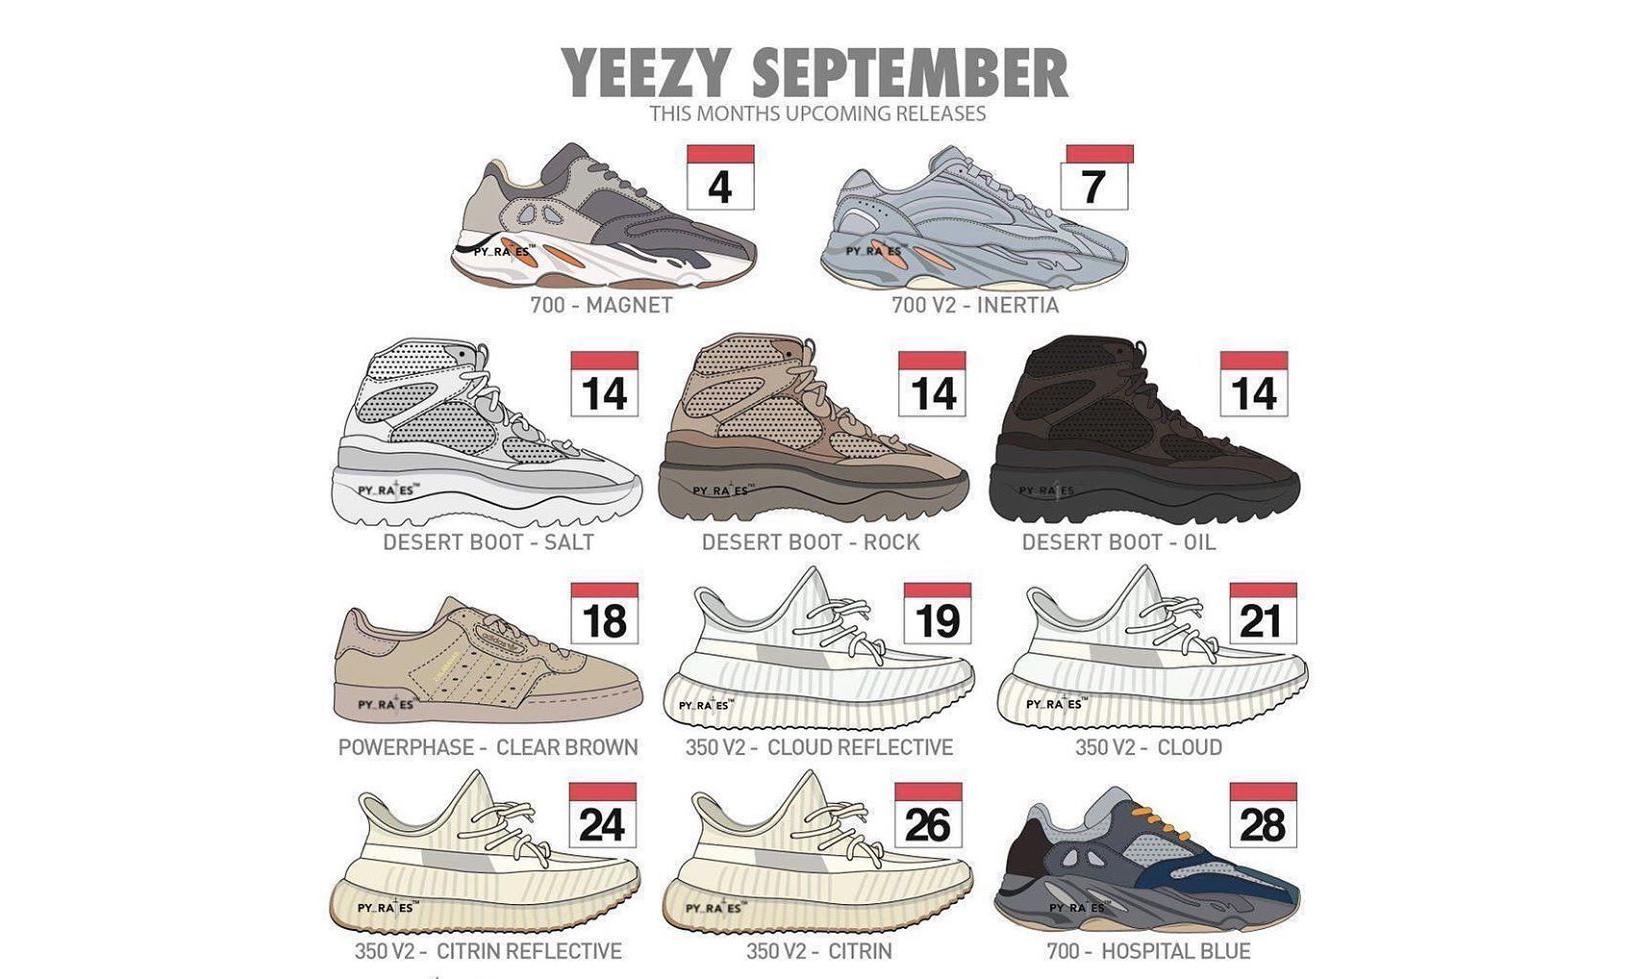 重磅福利月!YEEZY 鞋款 9 月完整发售清单曝光